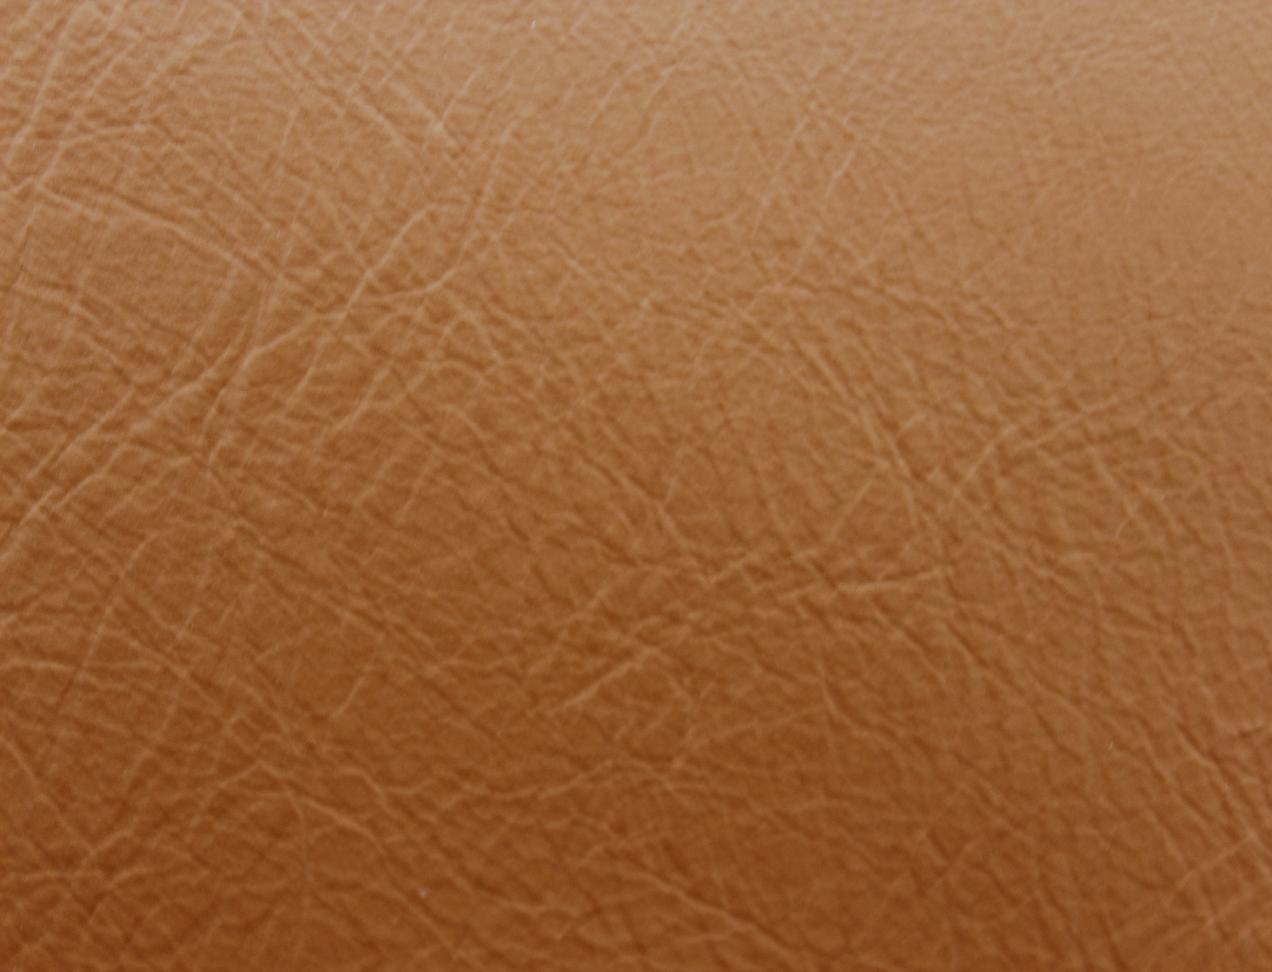 MIURA OUTDOOR/INDOOR Leather